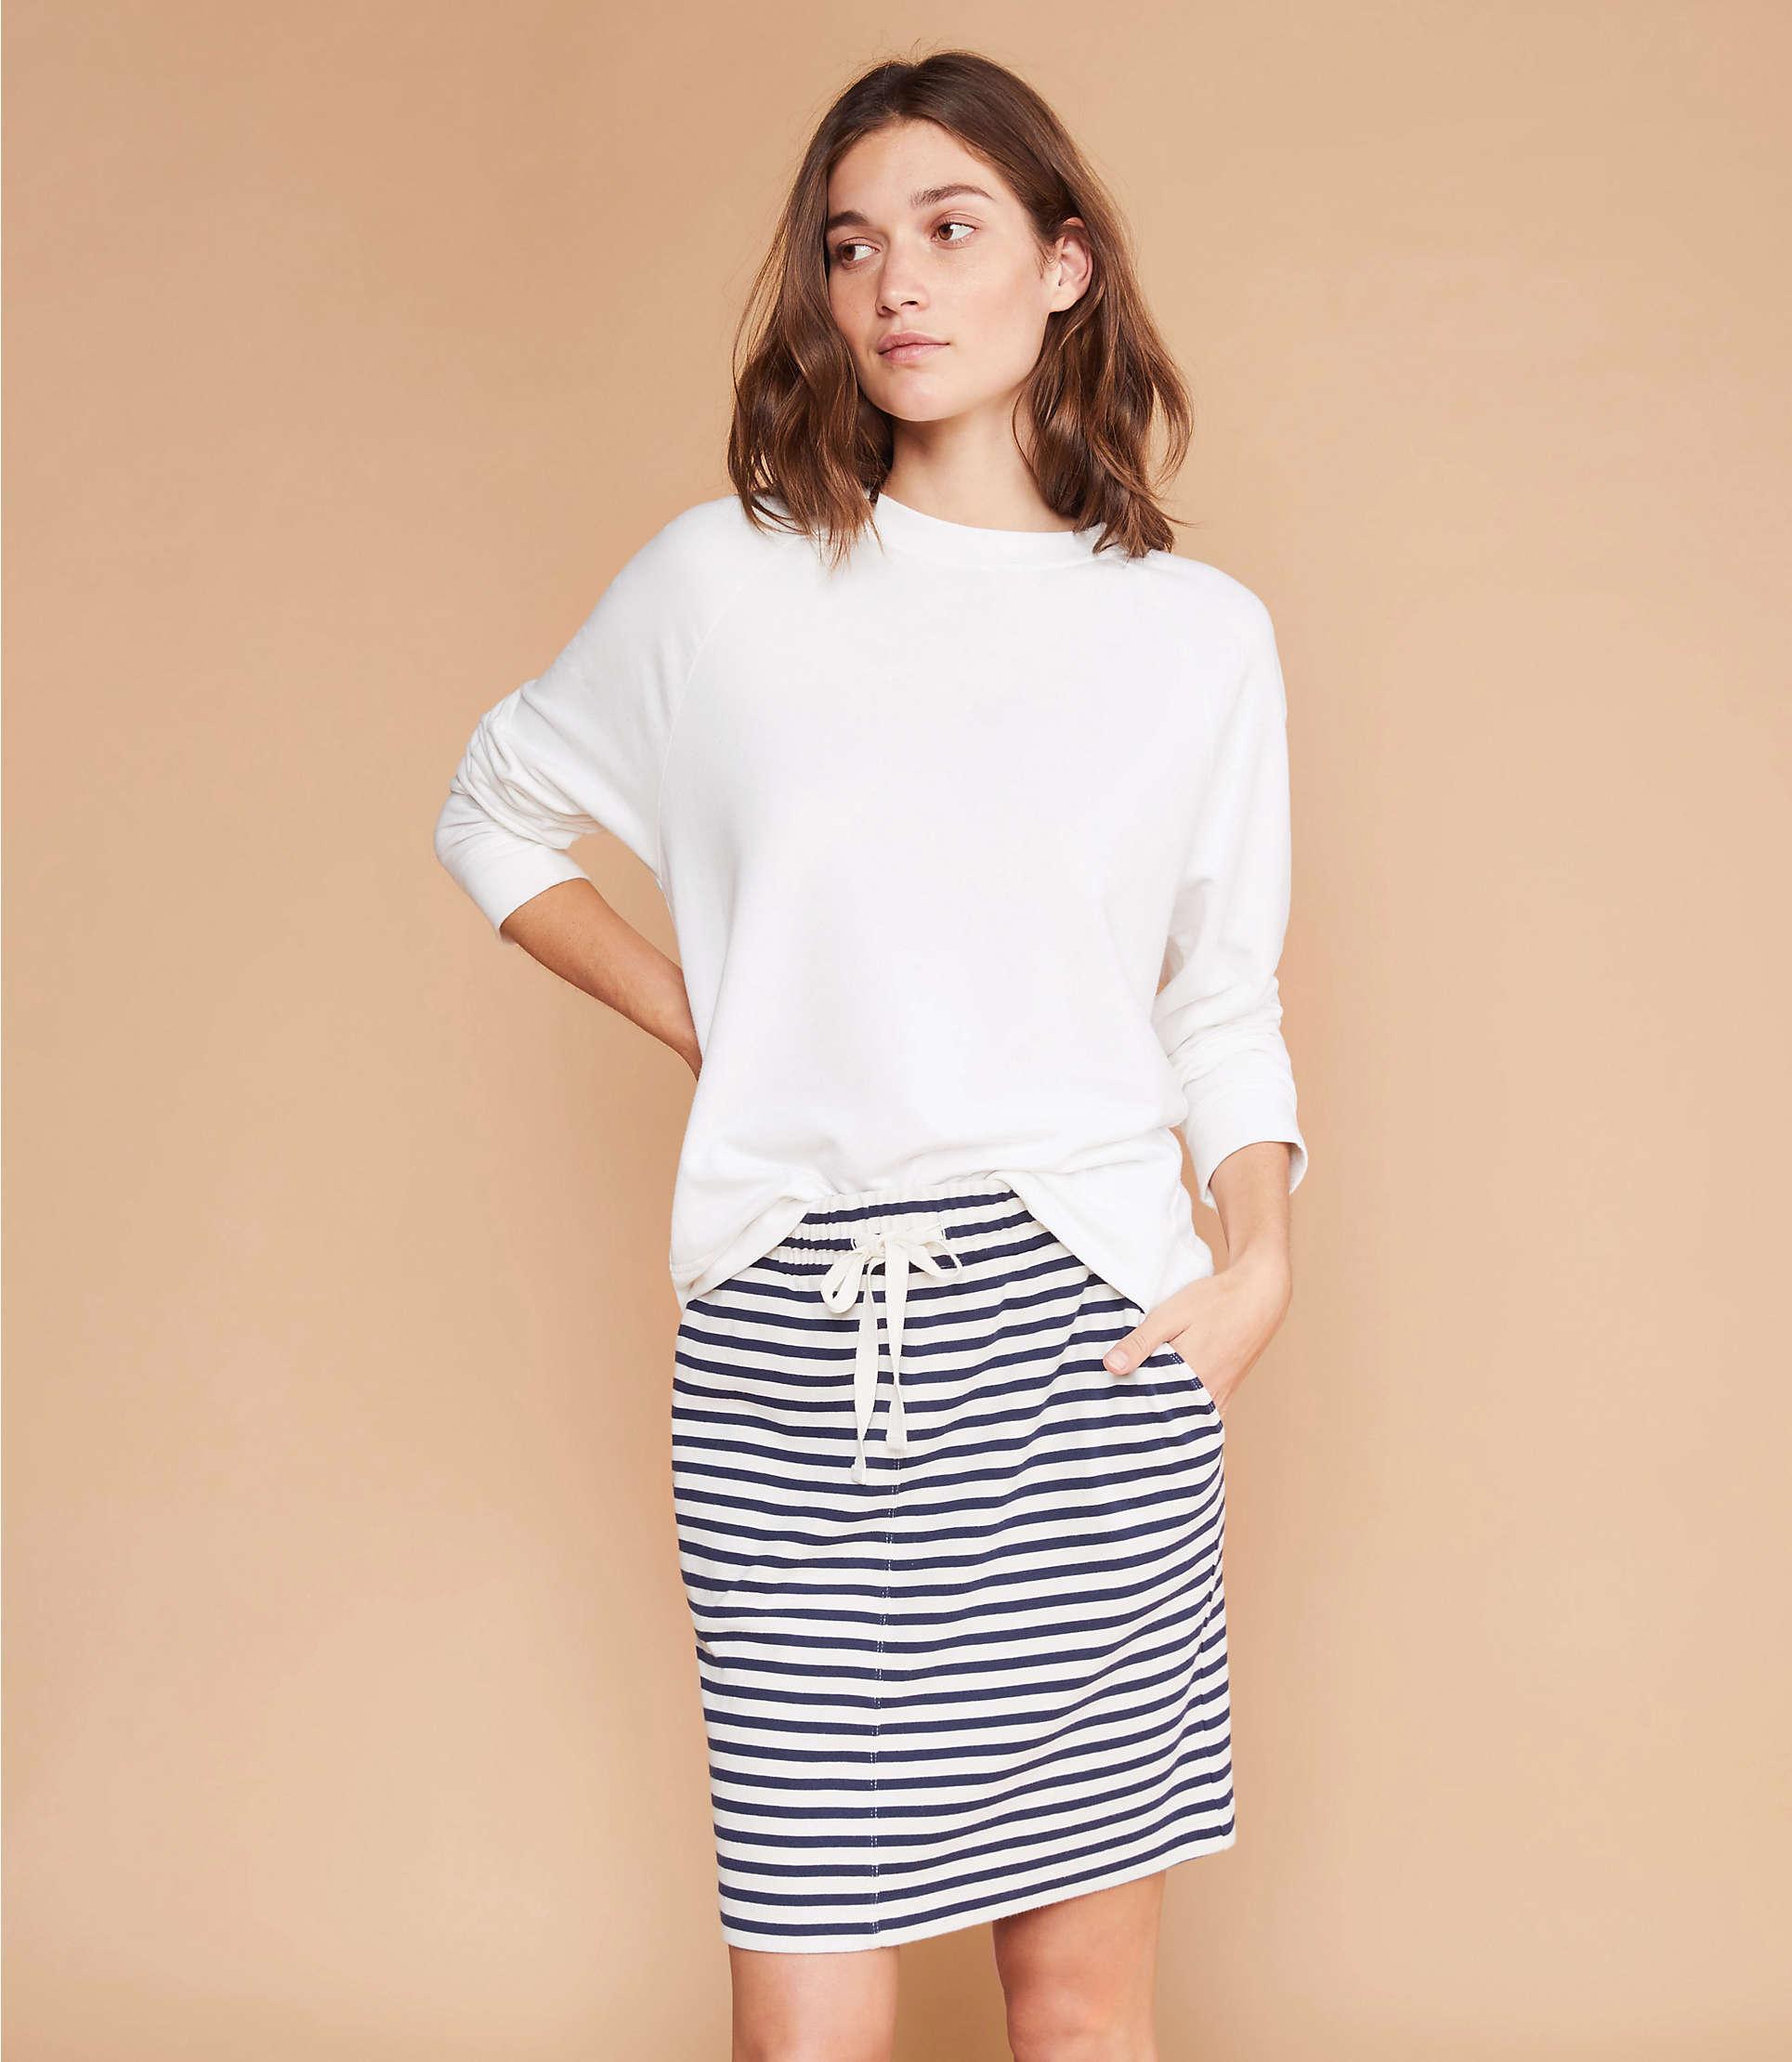 35a35a92f0 LOFT Lou & Grey Signaturesoft Sweatshirt in White - Lyst